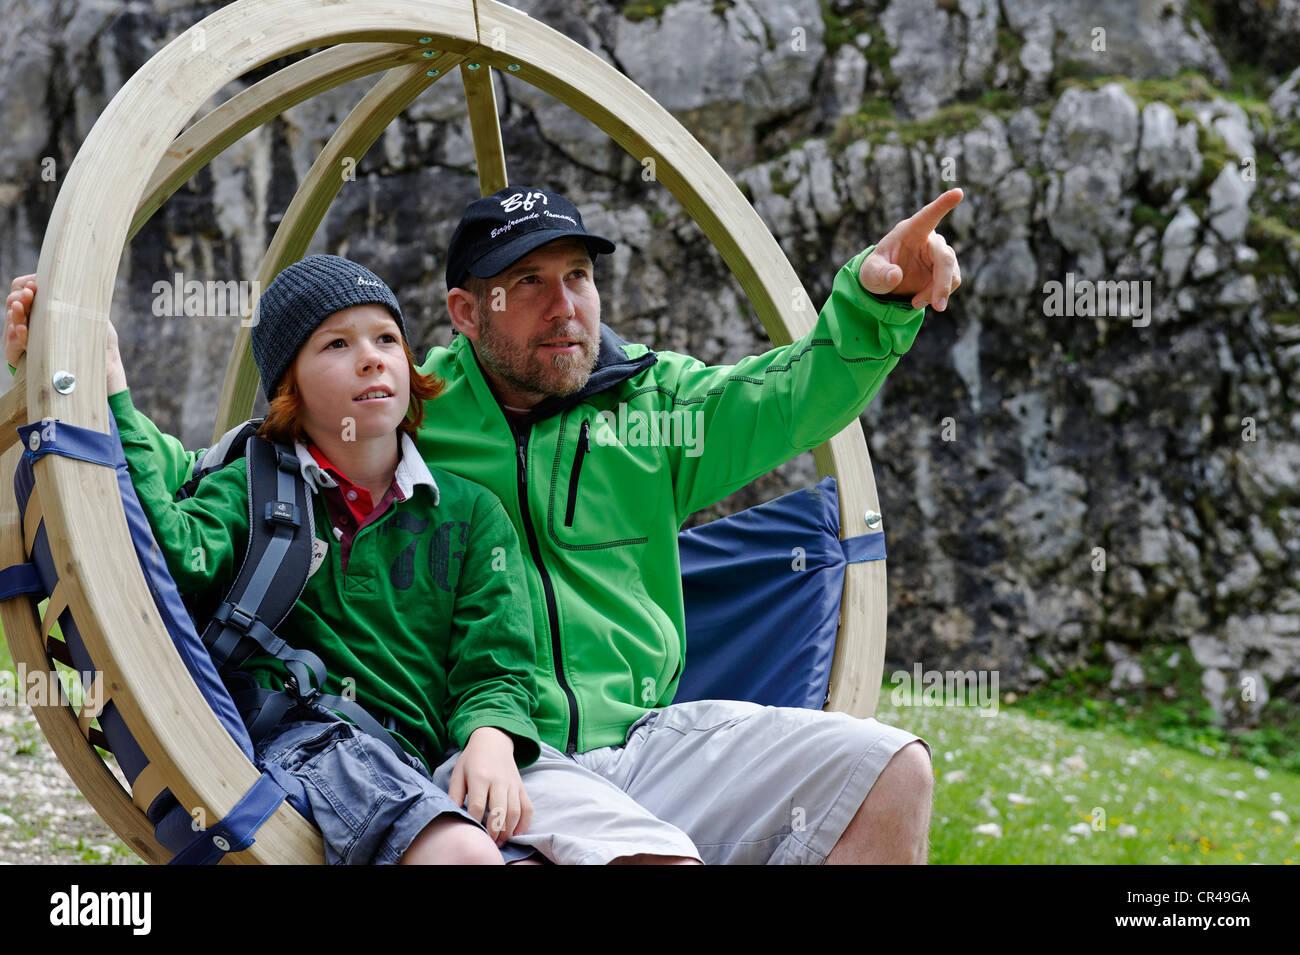 Father and son on the Gipfel-Erlebnisweg, summit adventure trail at Alpspitzbahn, Garmisch-Partenkirchen, Wetterstein - Stock Image